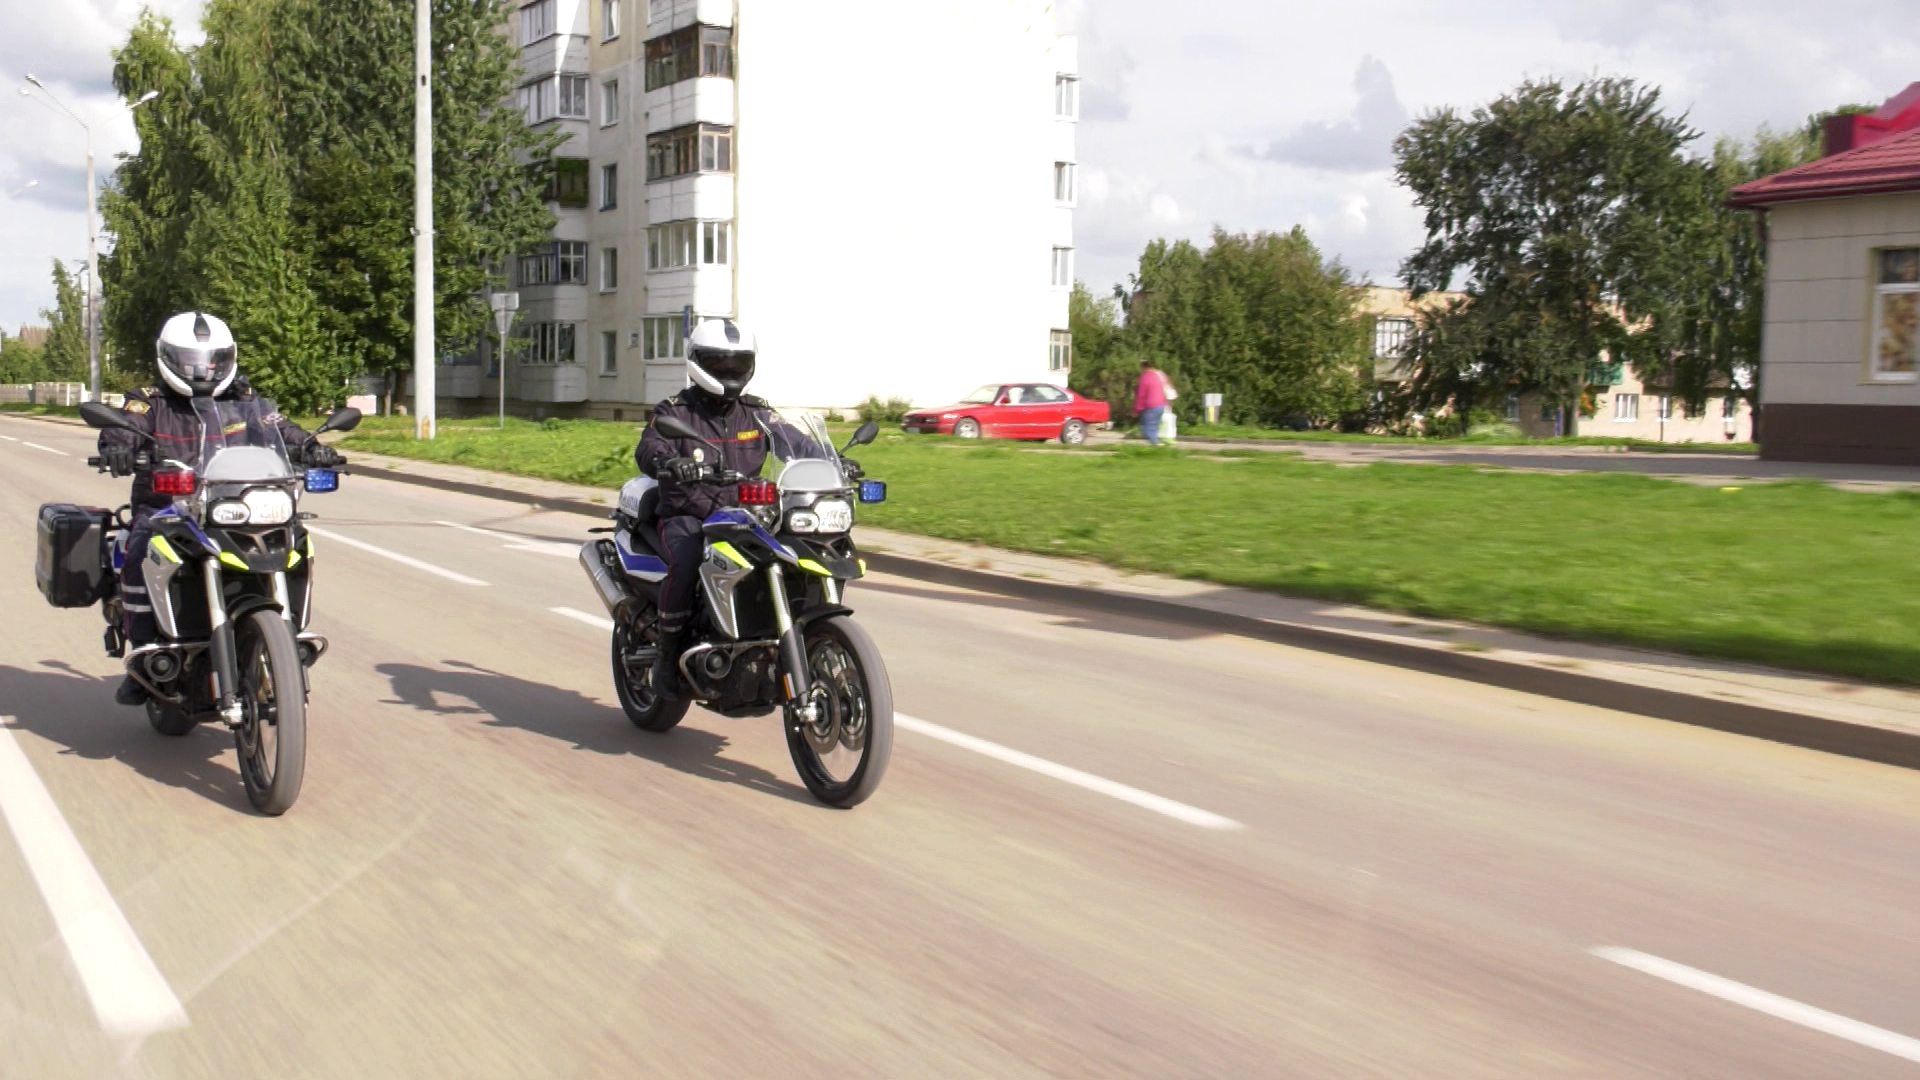 milicija - Милиция в Витебске переходит на усиленный вариант несения службы (видео)